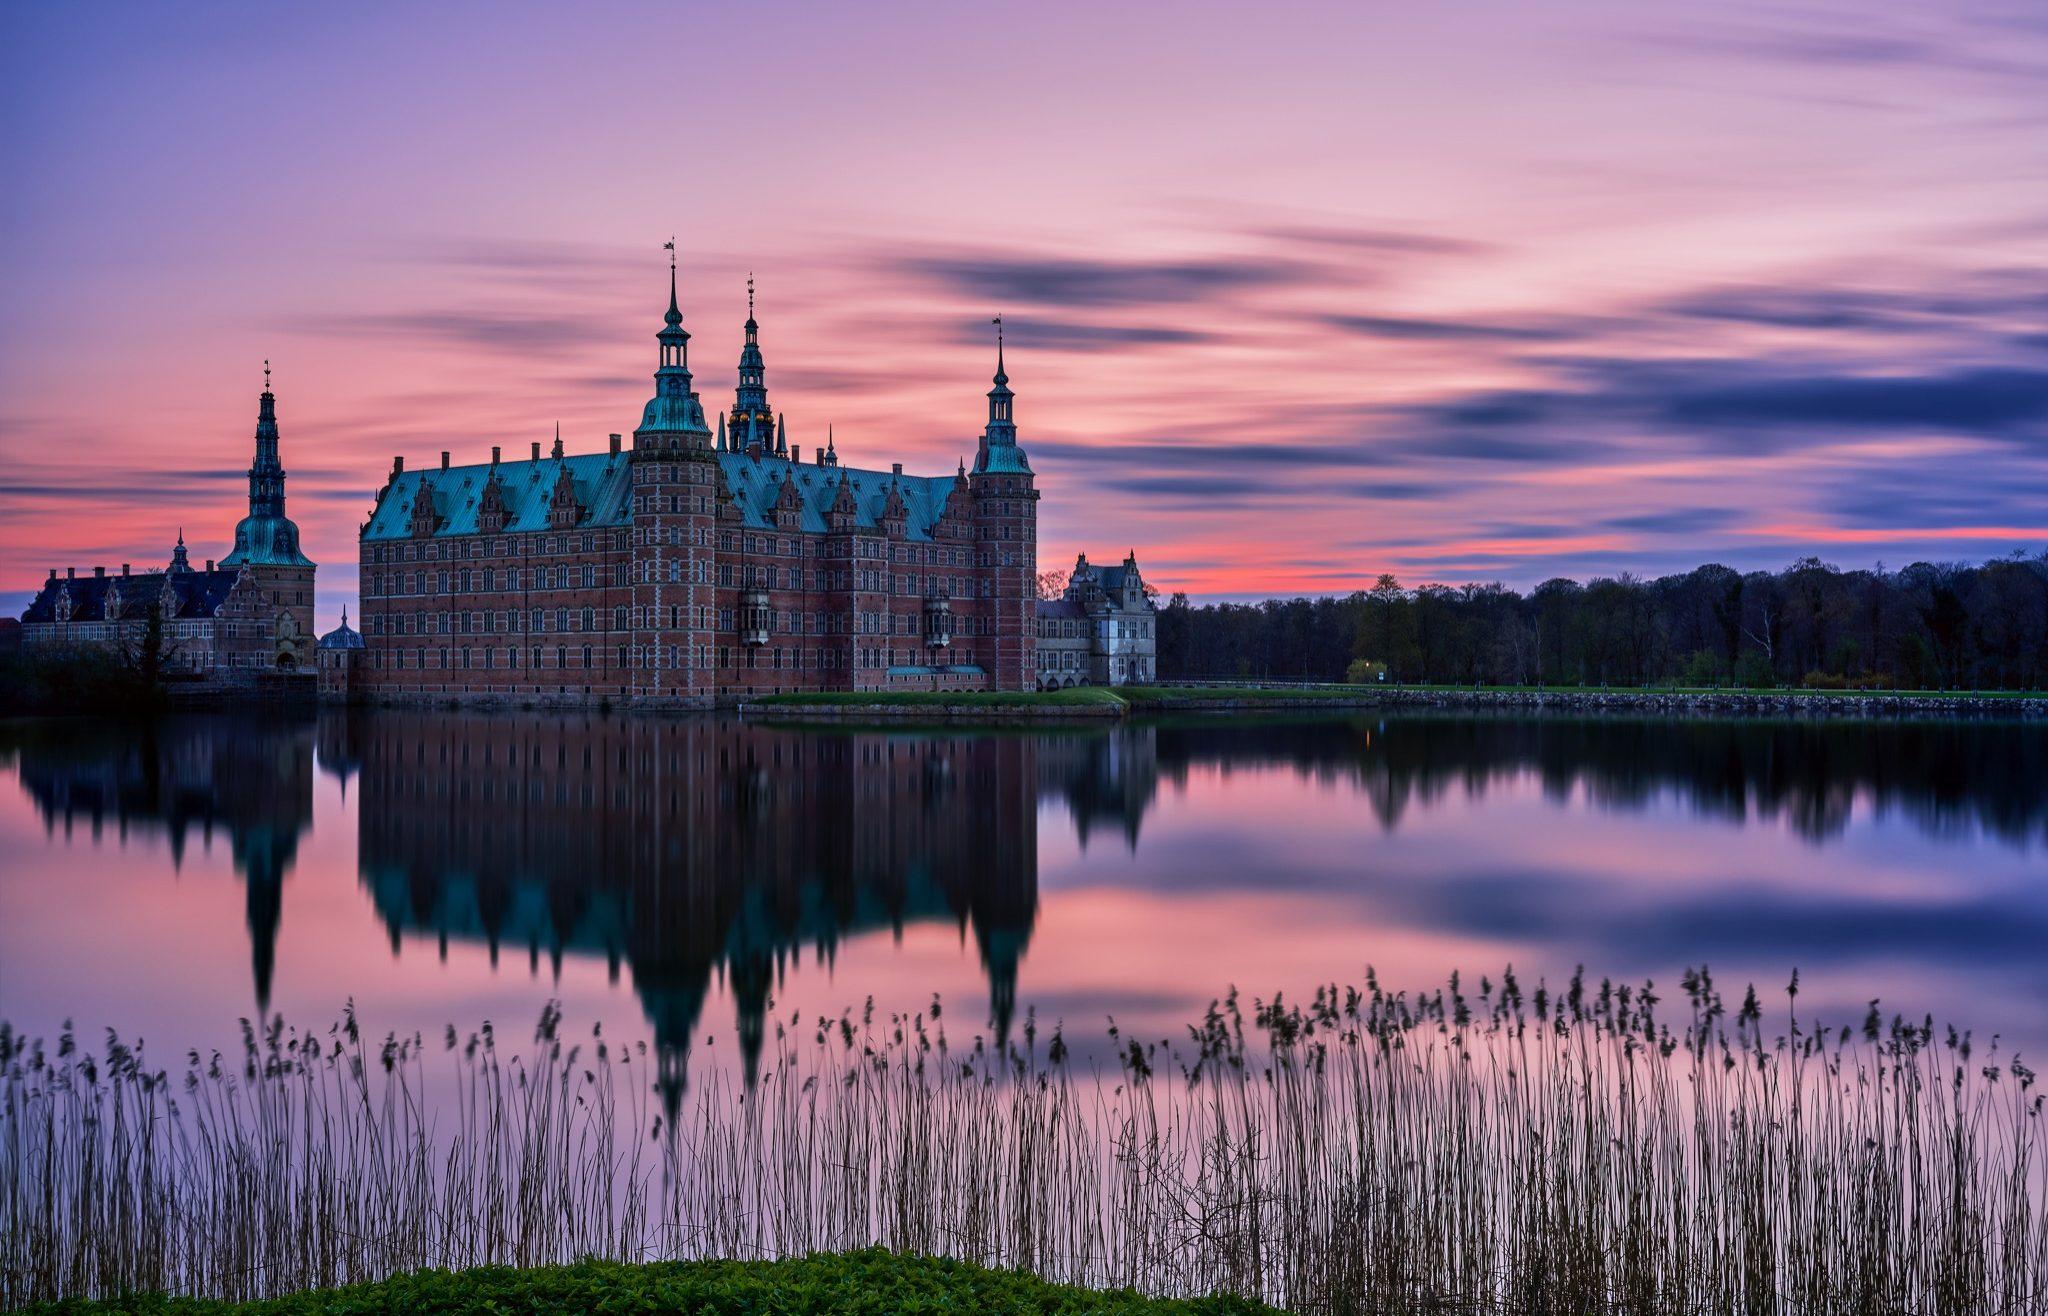 Frederiksborg Slot en aften i april 2017. Frederiksborg Castle an evening in April 2017.